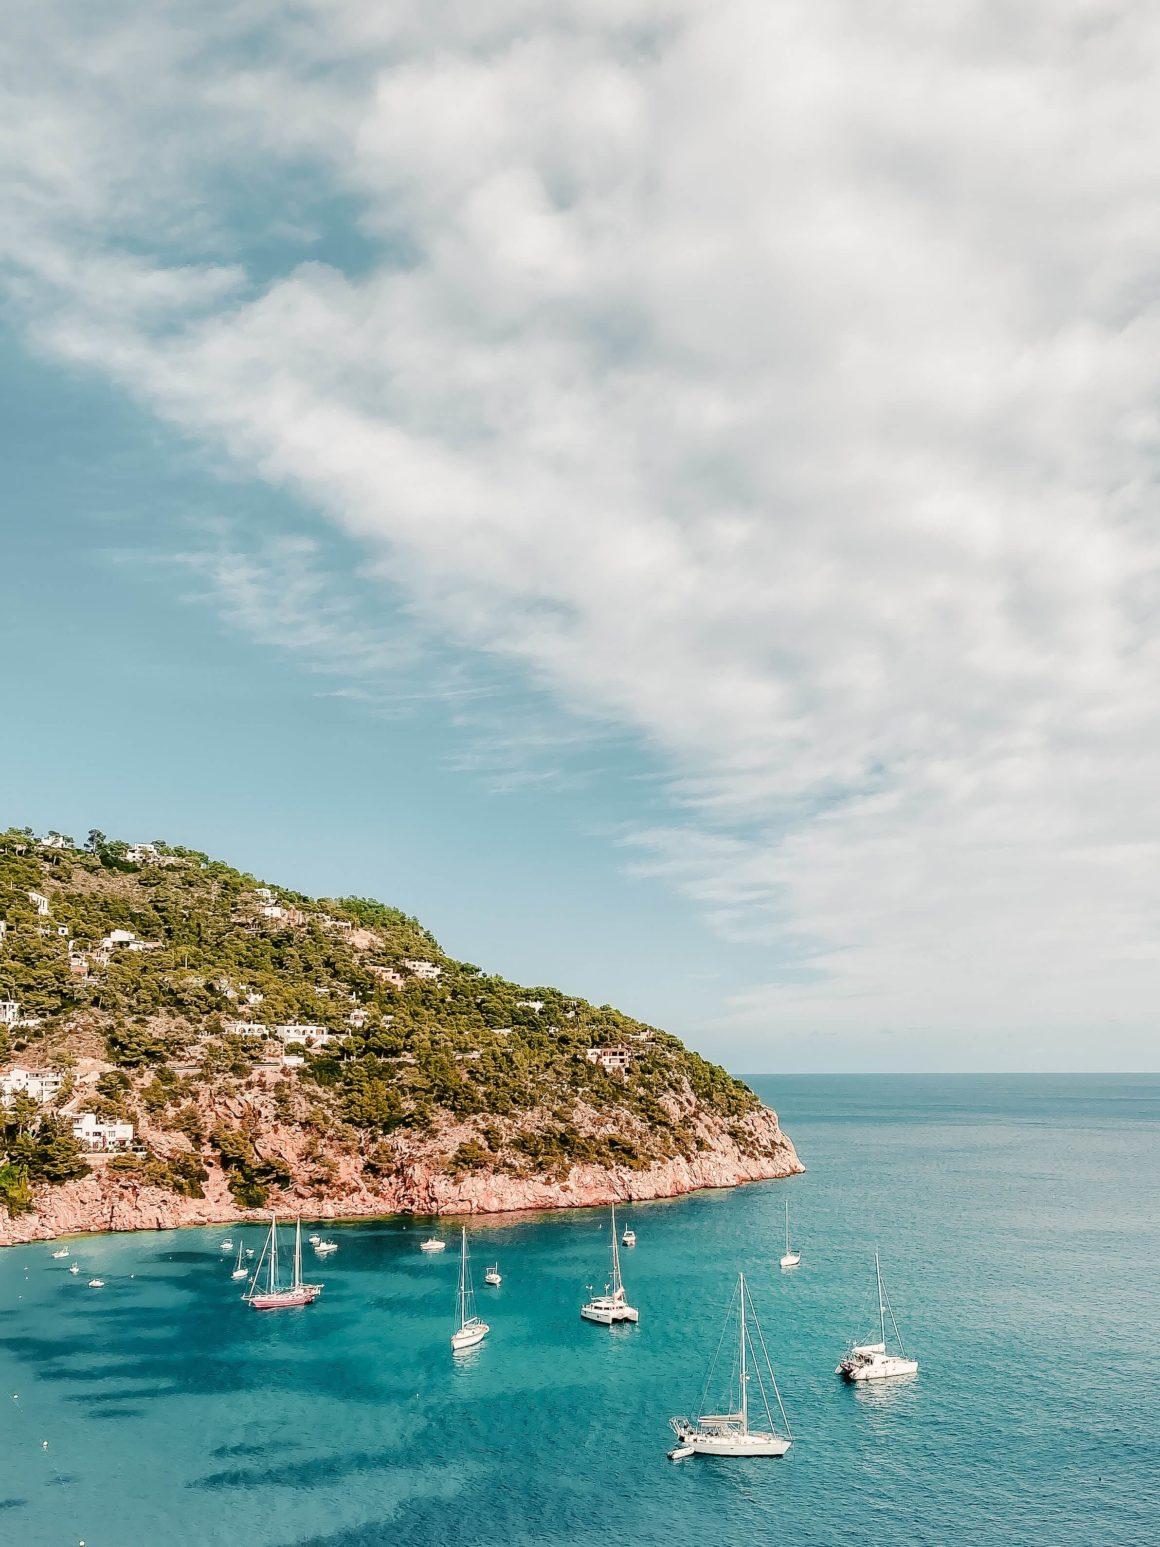 Um lugar que combina o relaxamanto da praia com a animação das festas, Ibiza é um destino ideal para viajar com amigos.